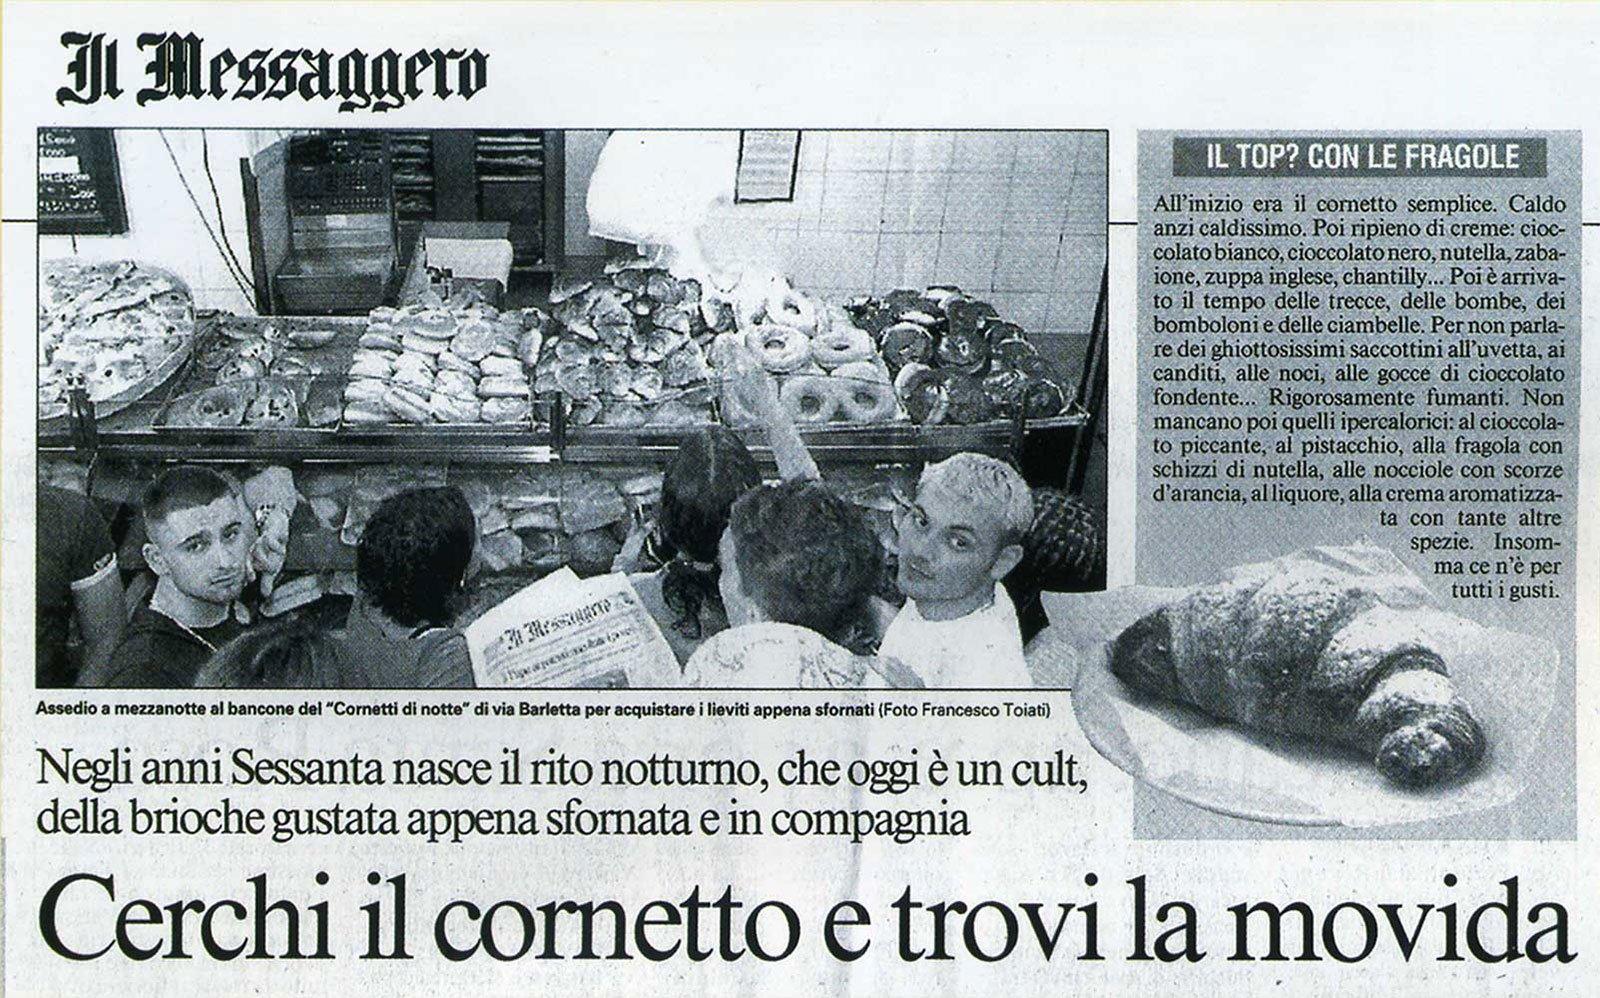 articolo di giornale che parla della pasticceria